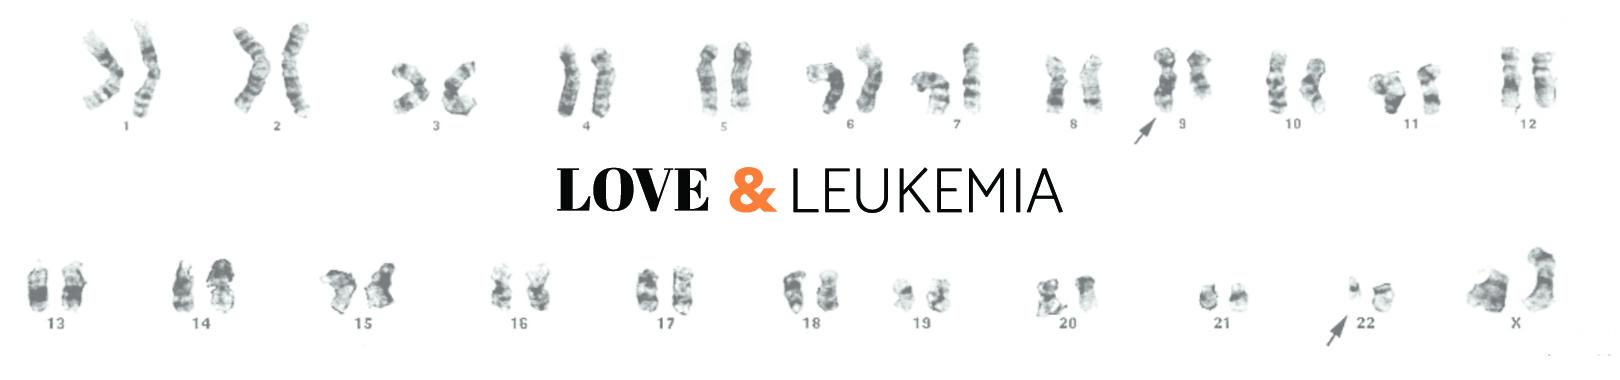 LOVE & LEUKEMIA